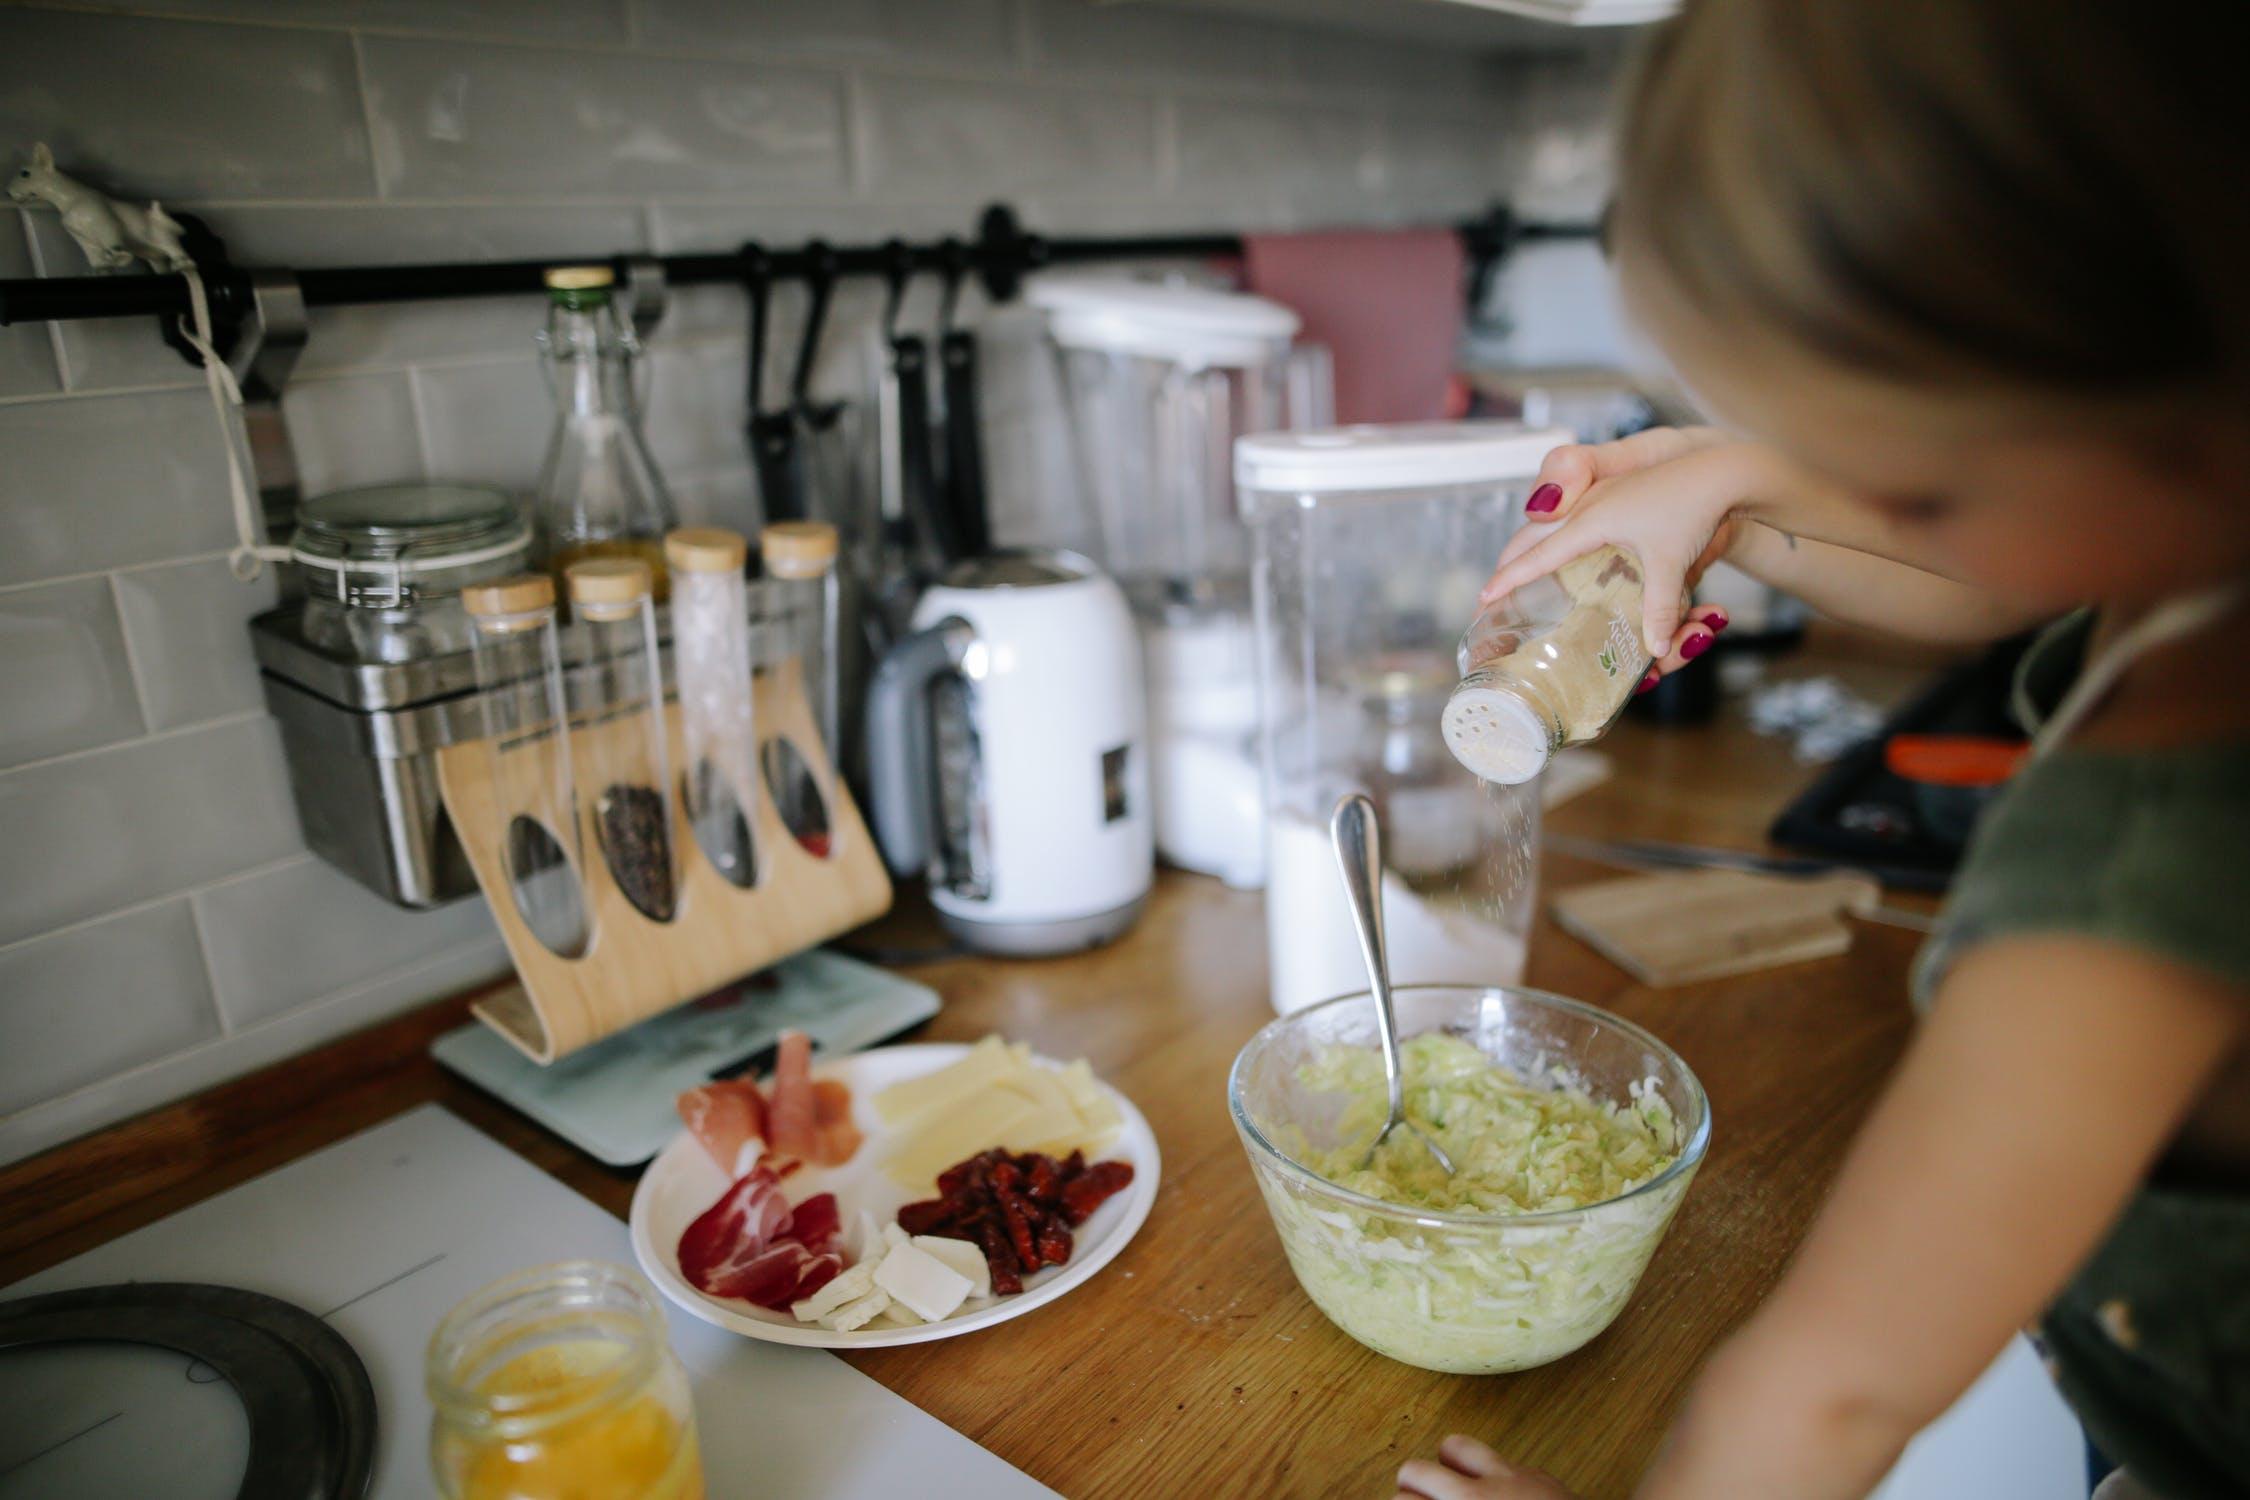 5 recetas para hacer con niños en casa (ideales para el Día del Niño y cumpleaños)